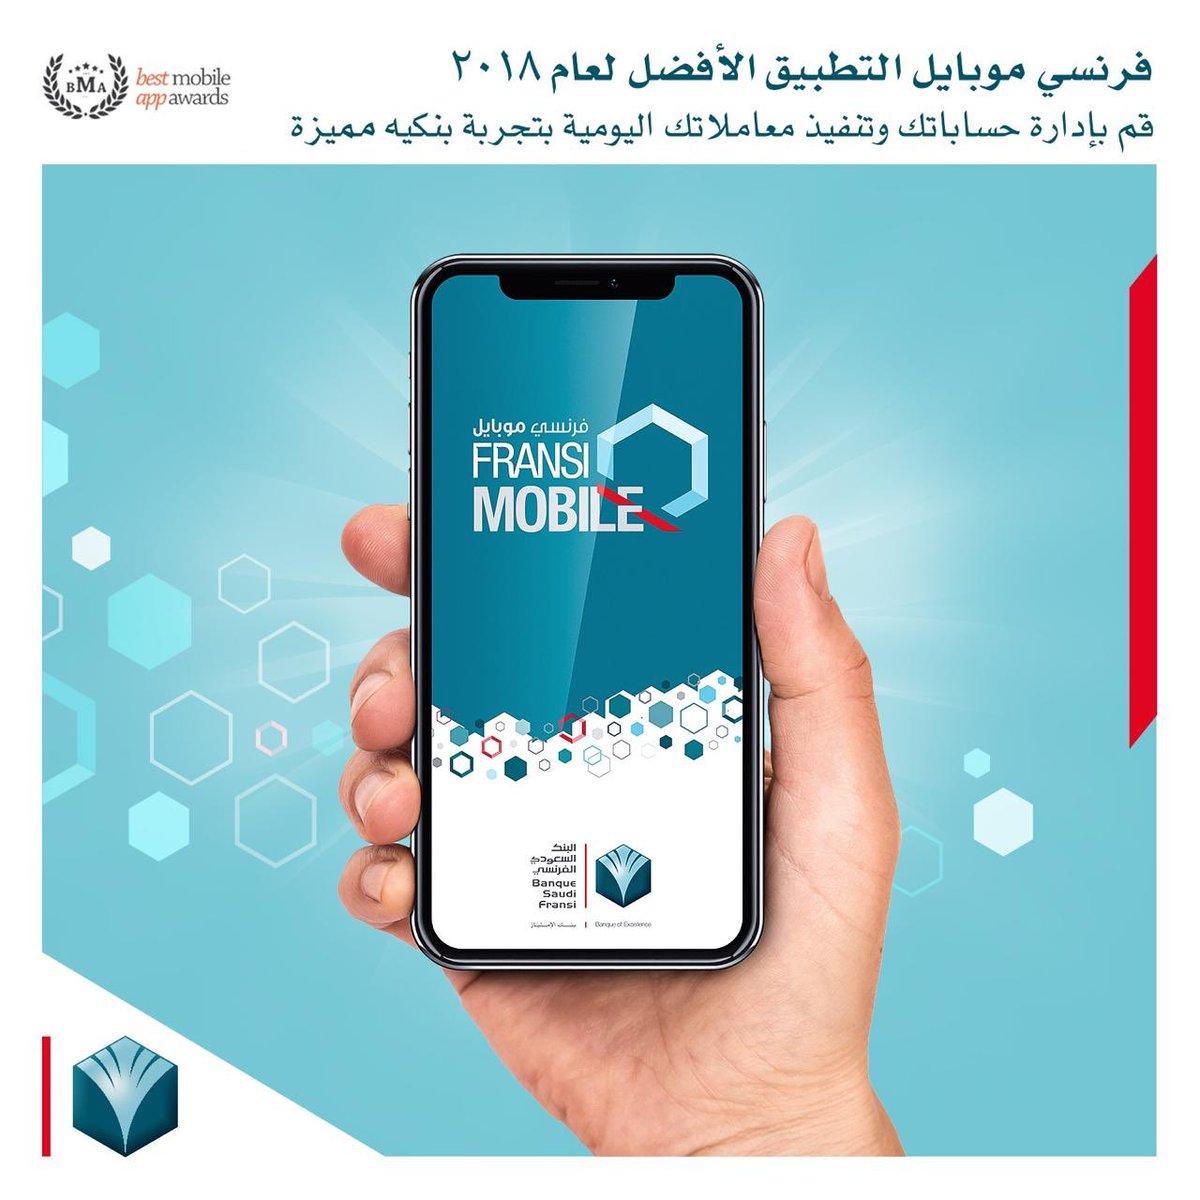 خدمة العملاء البنك السعودي الفرنسي בטוויטר مرحبا عزيزي يمكن الحصول على رقم الحساب عن طريق الدخول إلى خدمة الهاتف المصرفي واختيار 1 لخدمات الحسابات 5 للإستعلام عن رقم الآيبان وسيتم